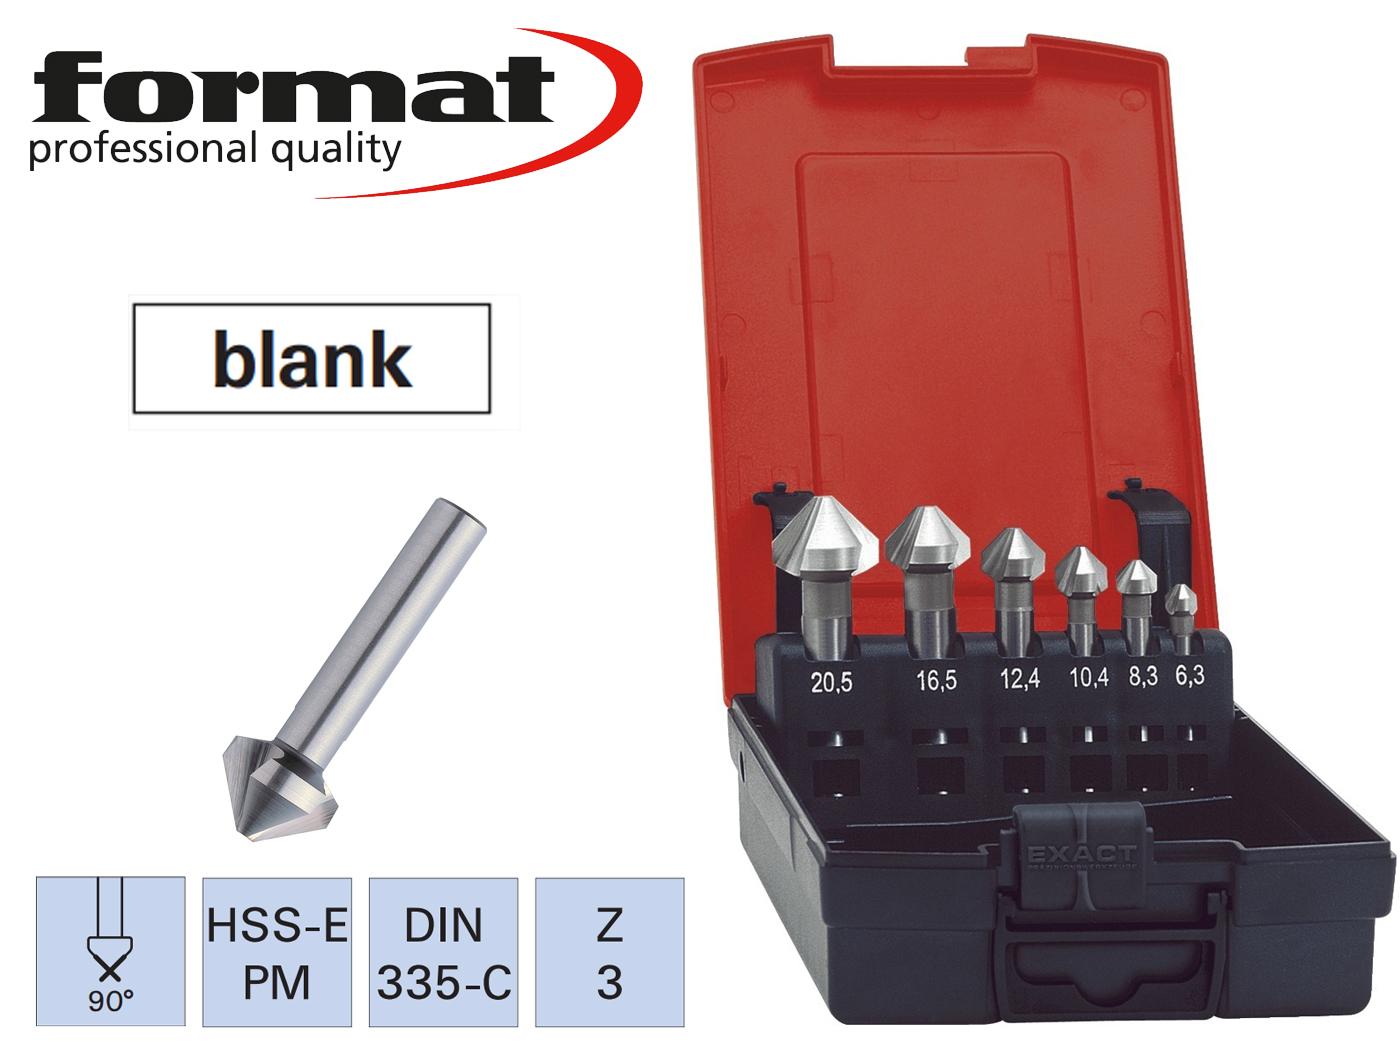 verzinkboor set DIN 335C HSSE PM 90G FORMAT   DKMTools - DKM Tools